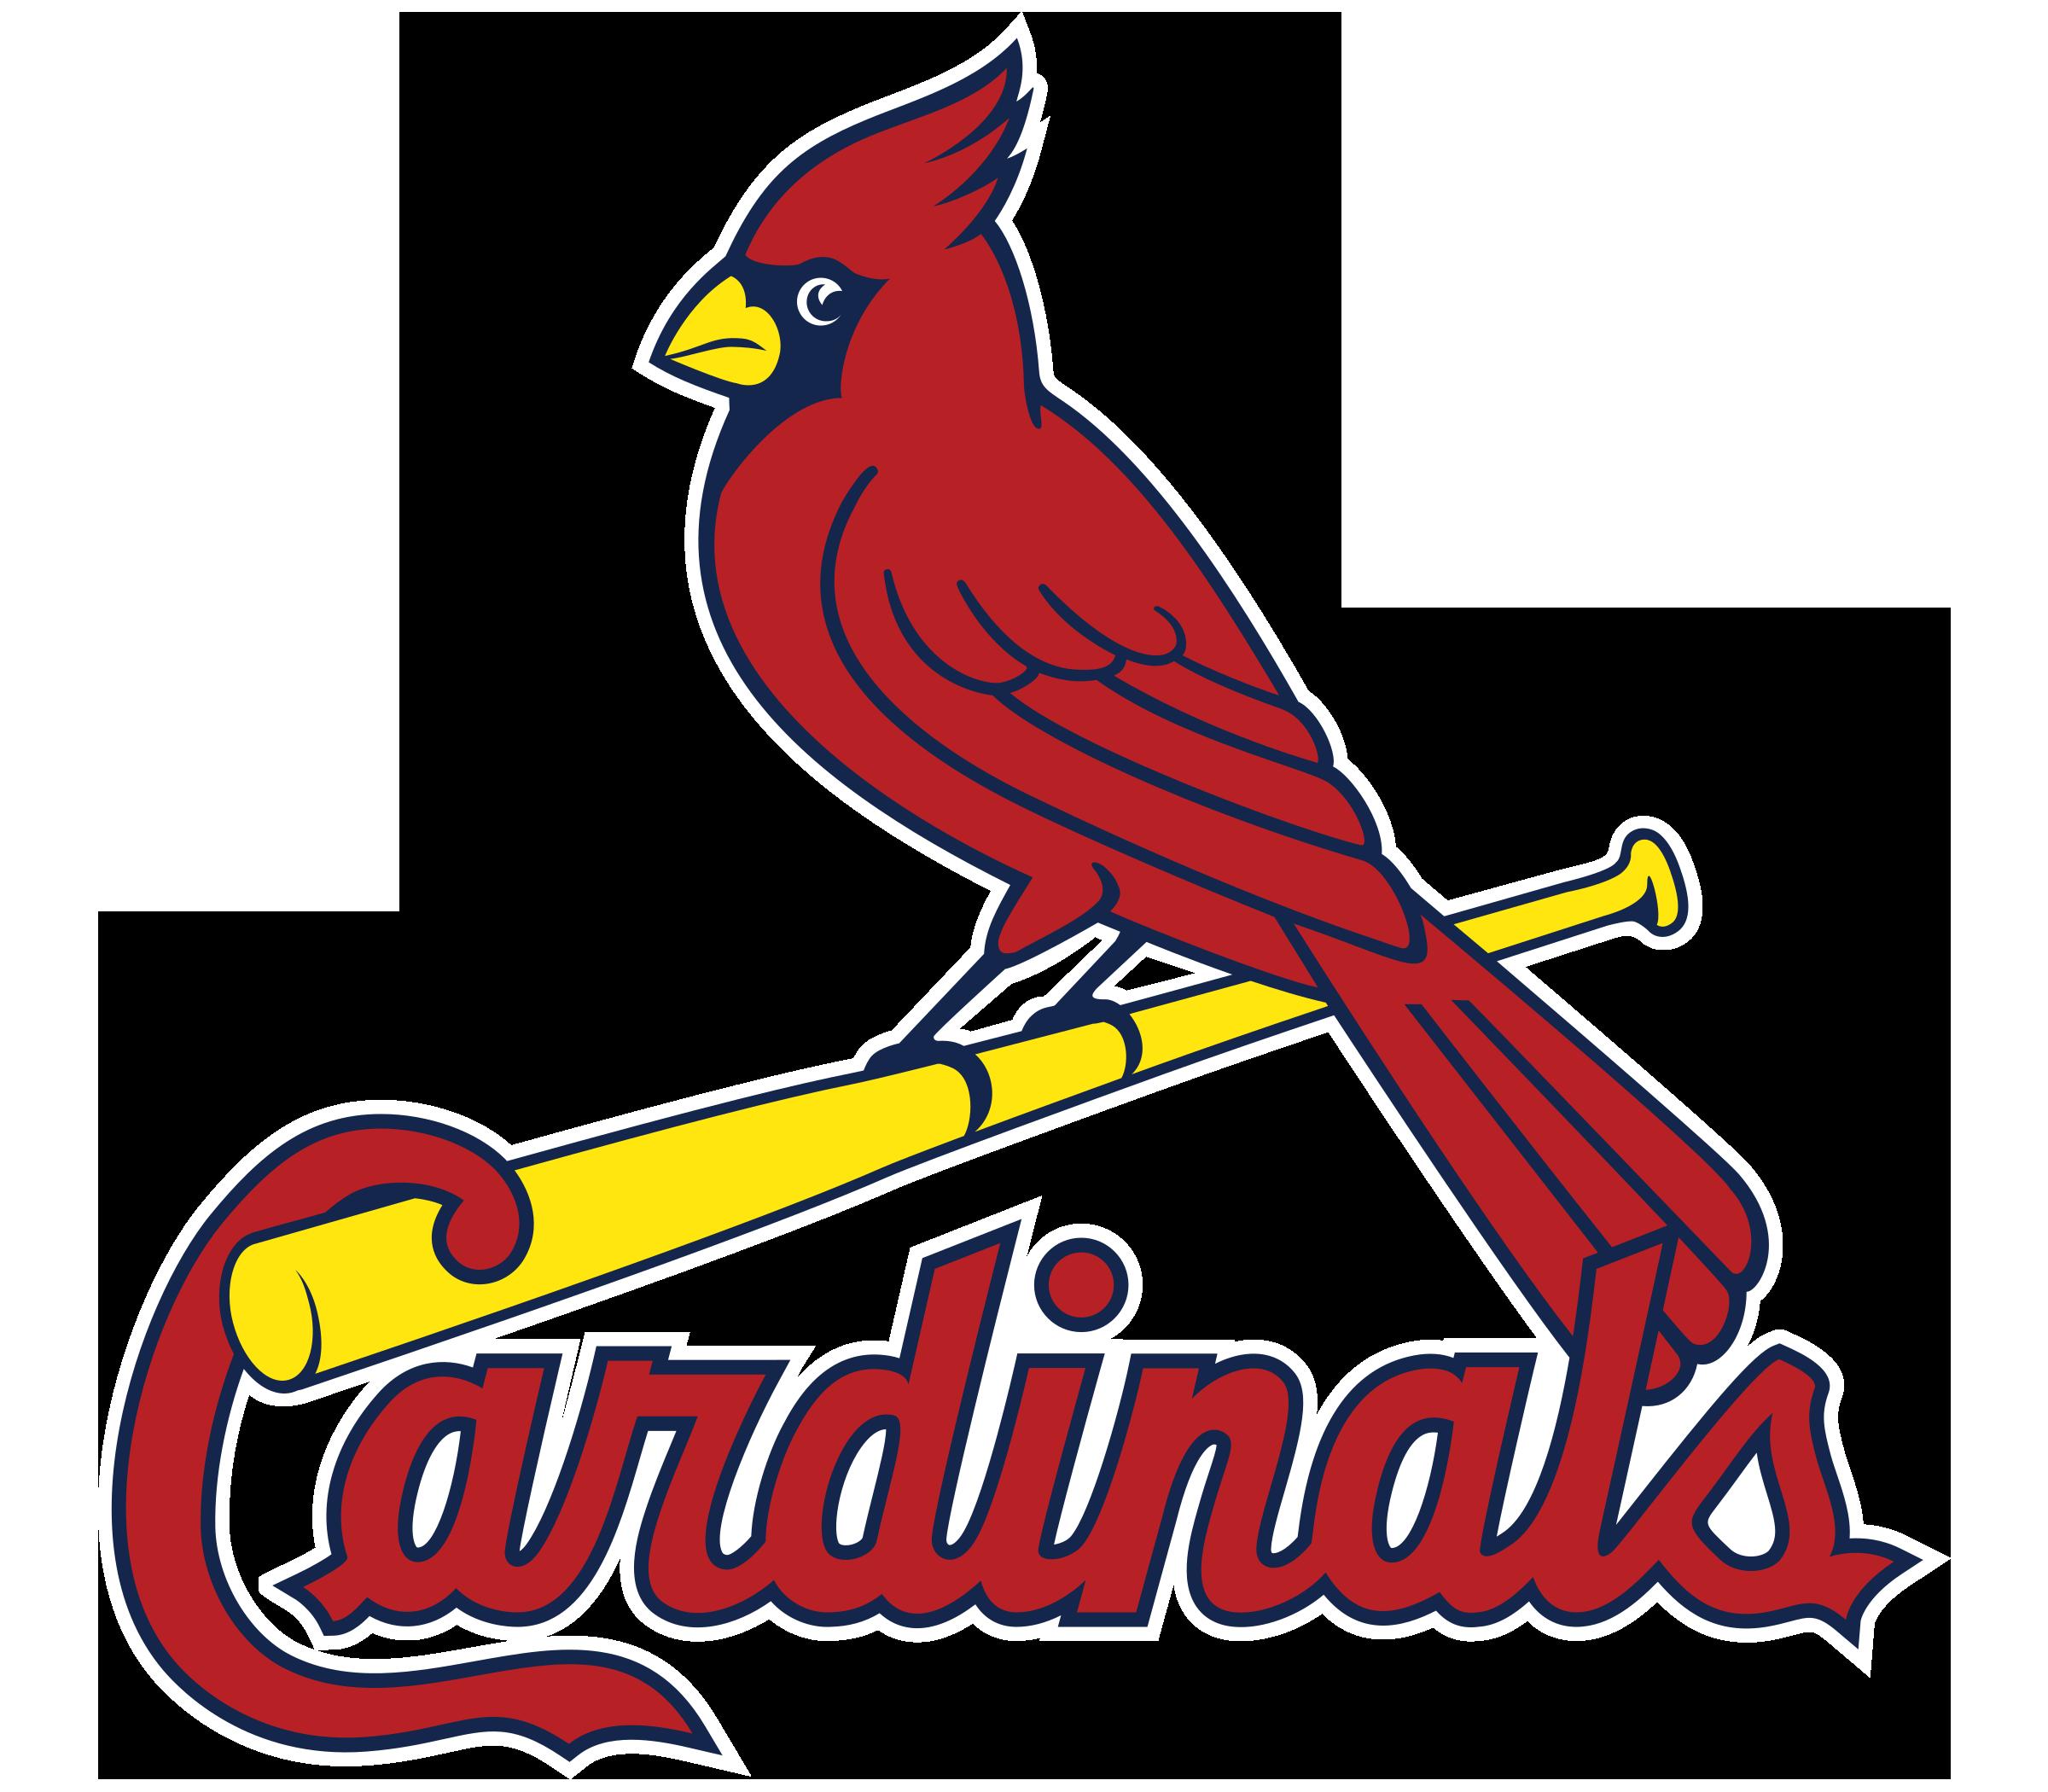 st-louis-cardinals-logo-transparent4